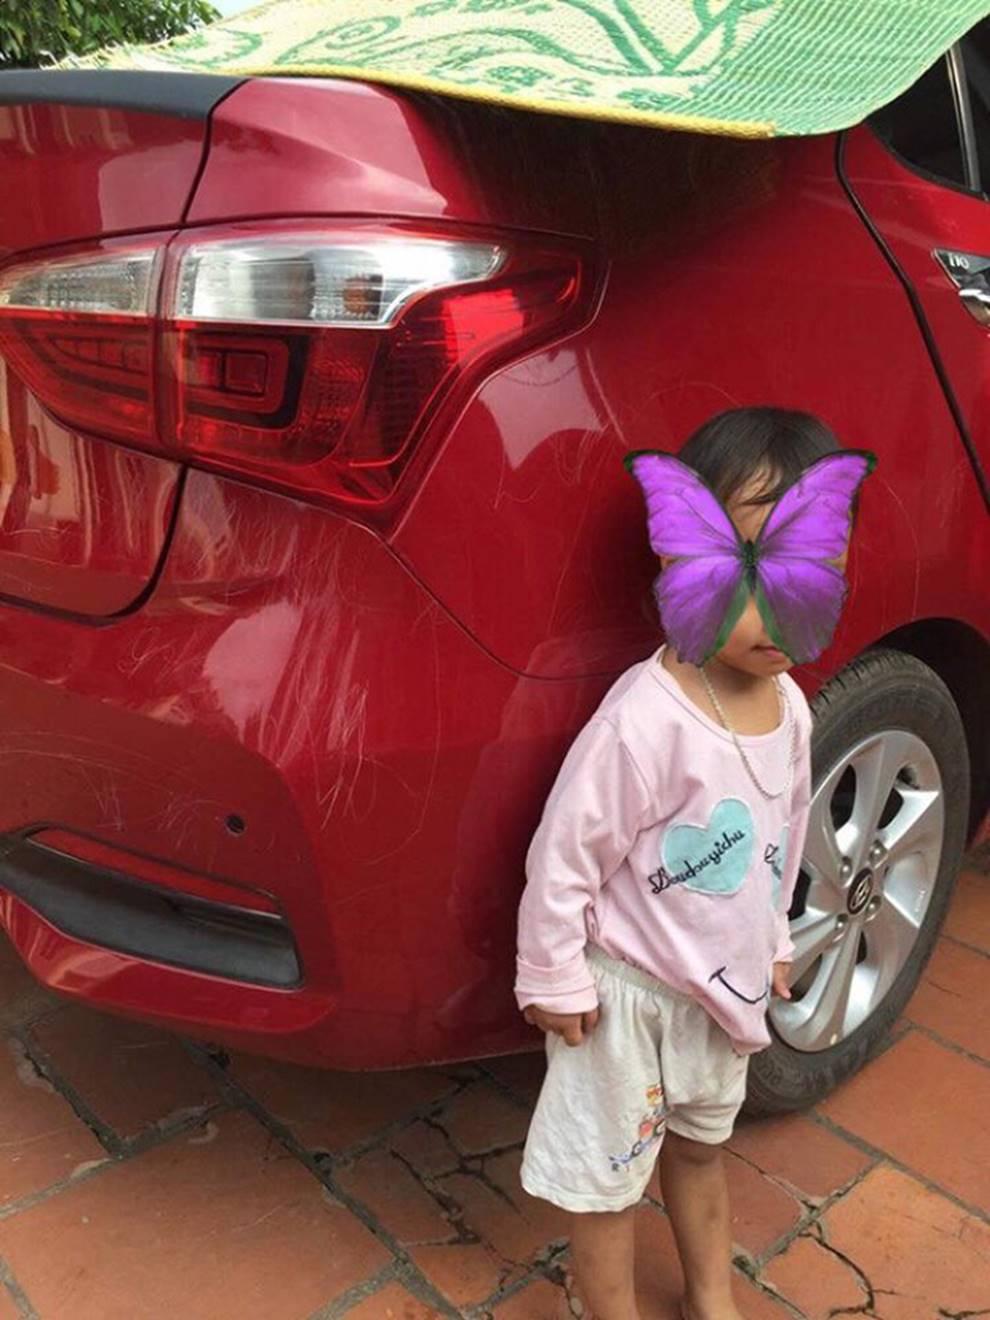 Bắt được kẻ phá hoại ô tô, chủ xe đau đầu tìm cách giải quyết vì đối tượng có - ảnh 2